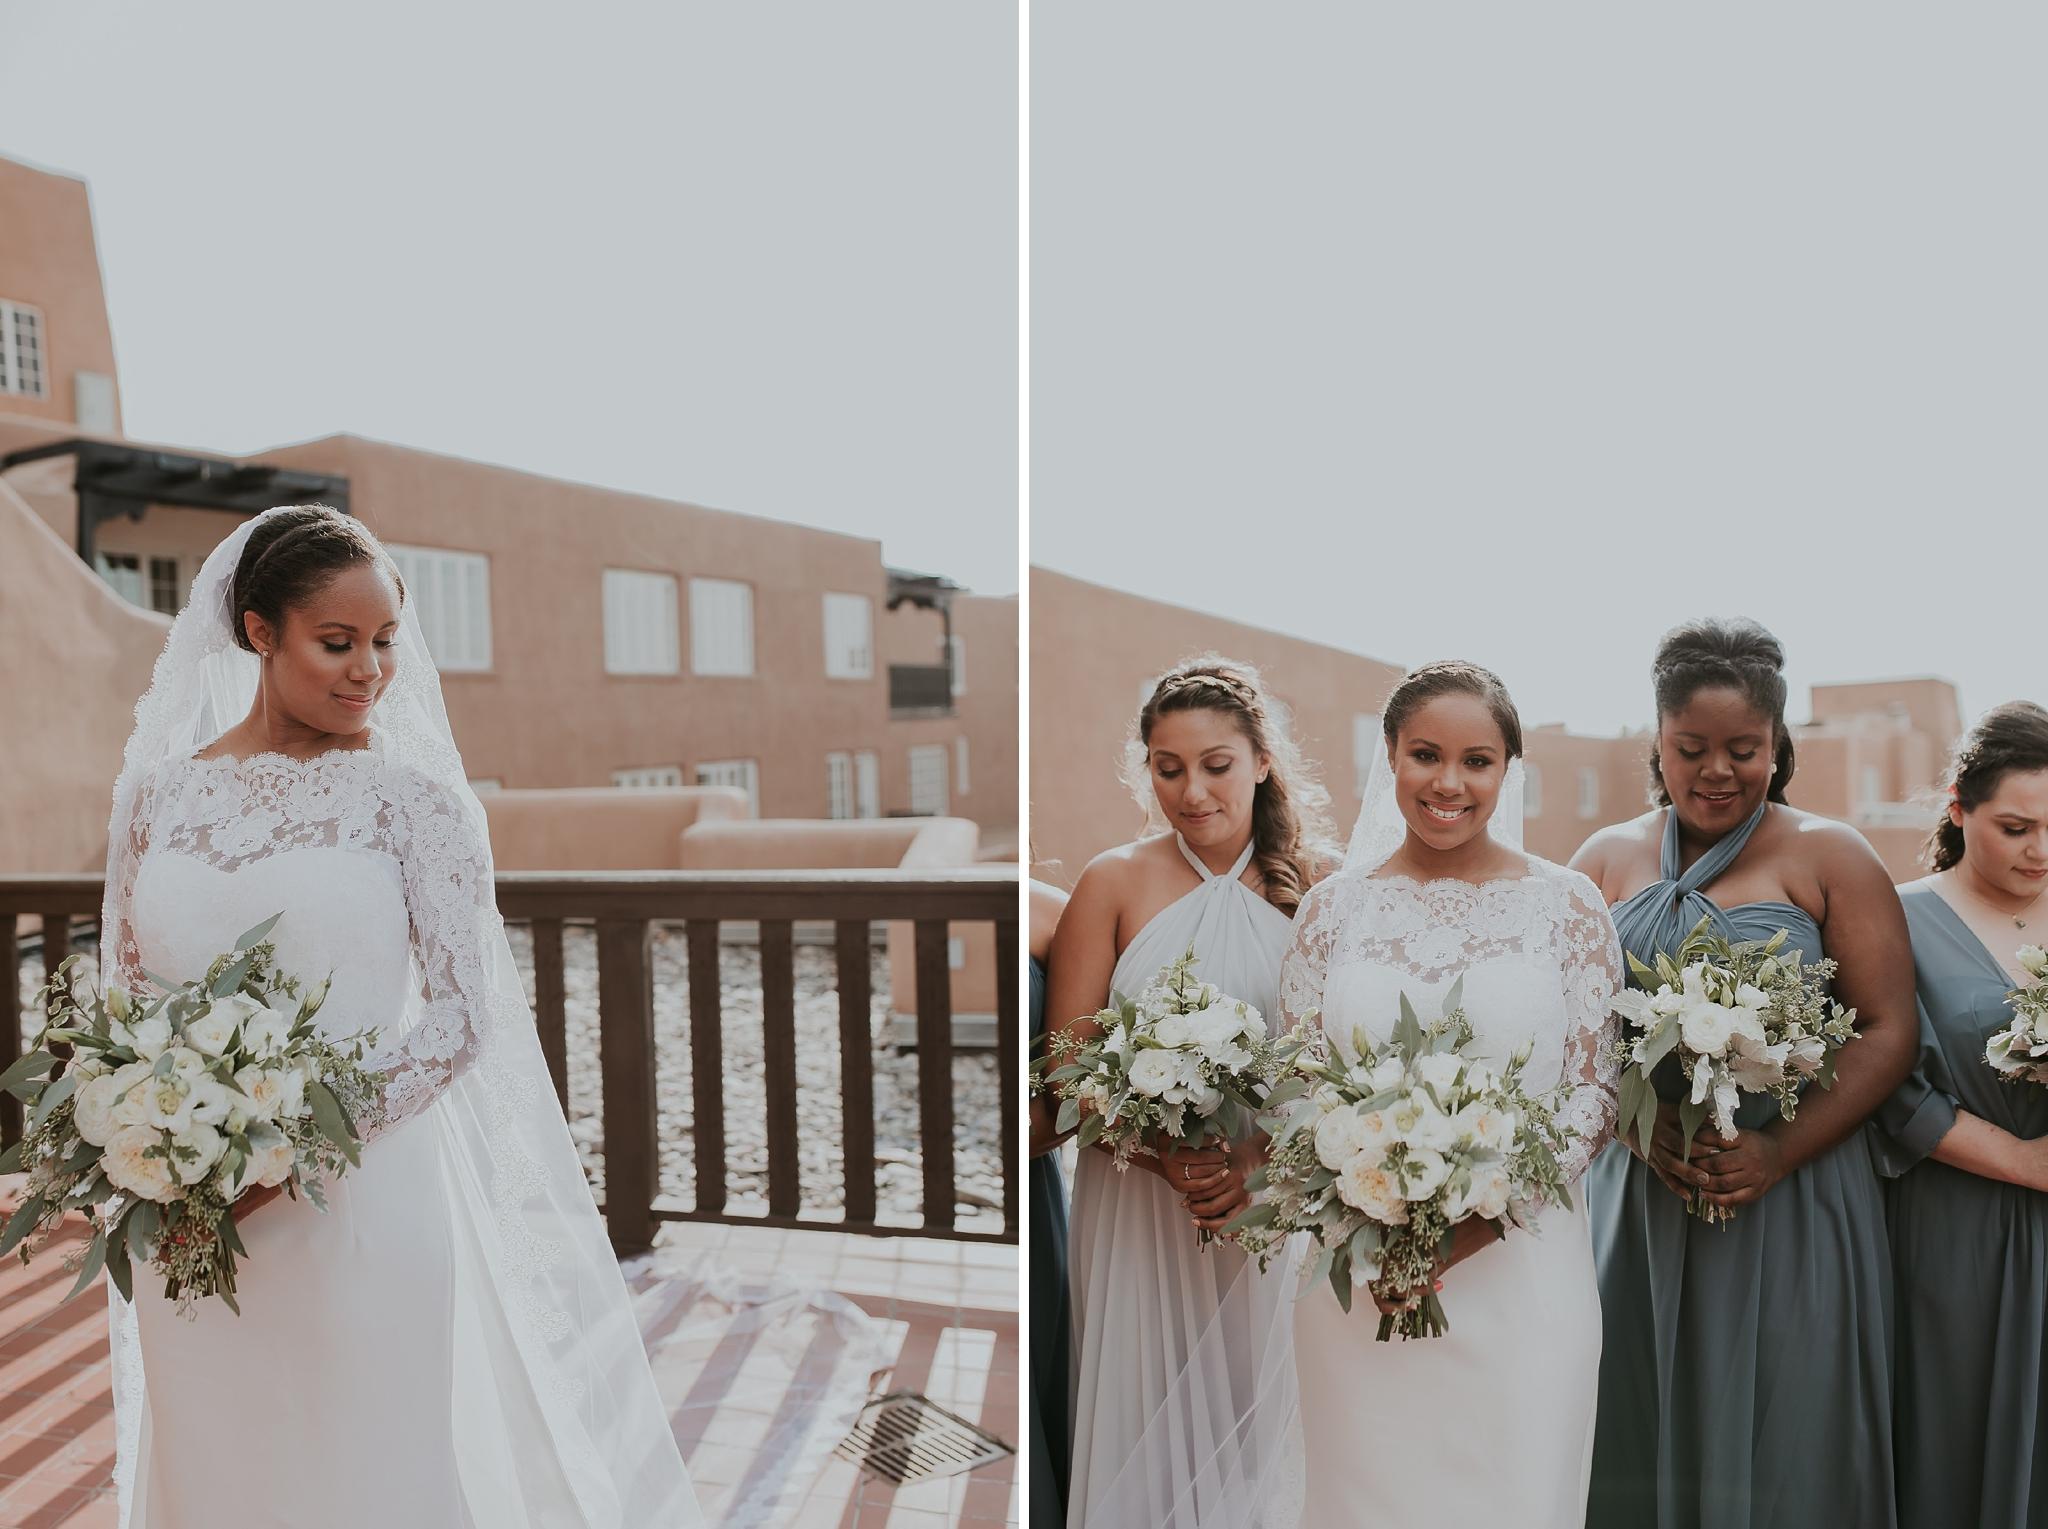 Alicia+lucia+photography+-+albuquerque+wedding+photographer+-+santa+fe+wedding+photography+-+new+mexico+wedding+photographer+-+new+mexico+wedding+-+wedding+makeup+-+makeup+artist+-+wedding+makeup+artist+-+bridal+makeup_0056.jpg